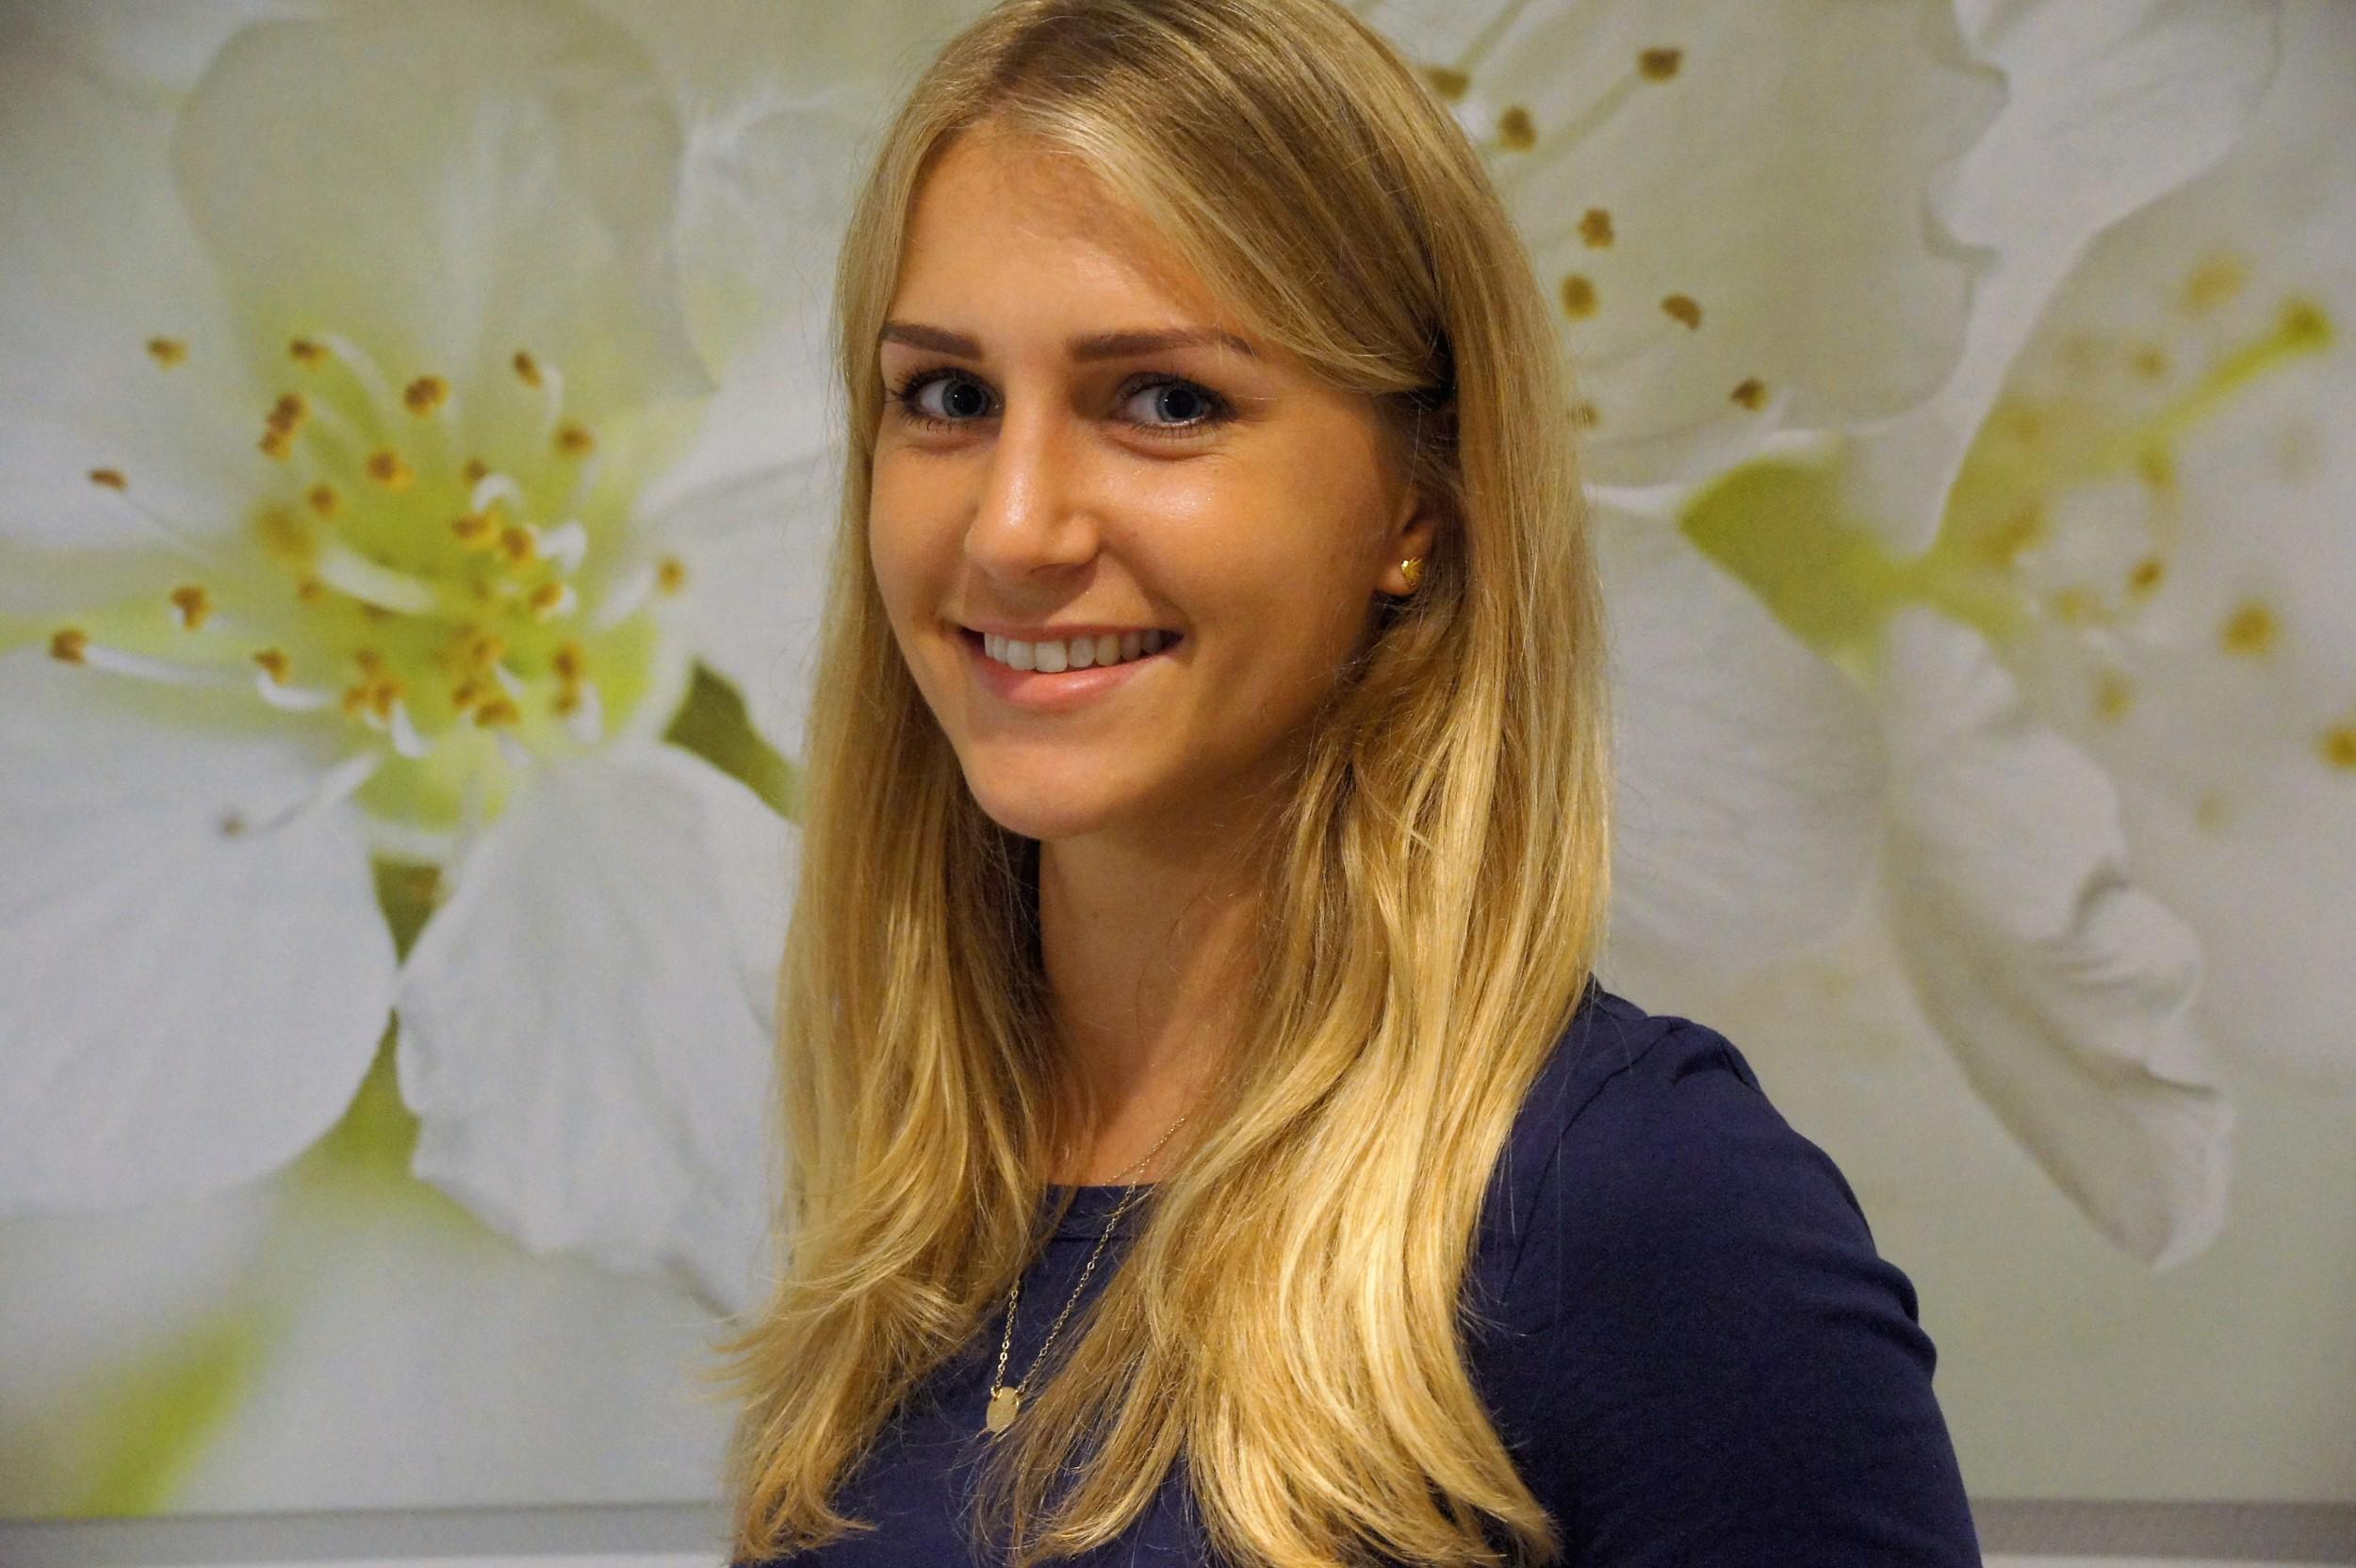 Johanna Stephan